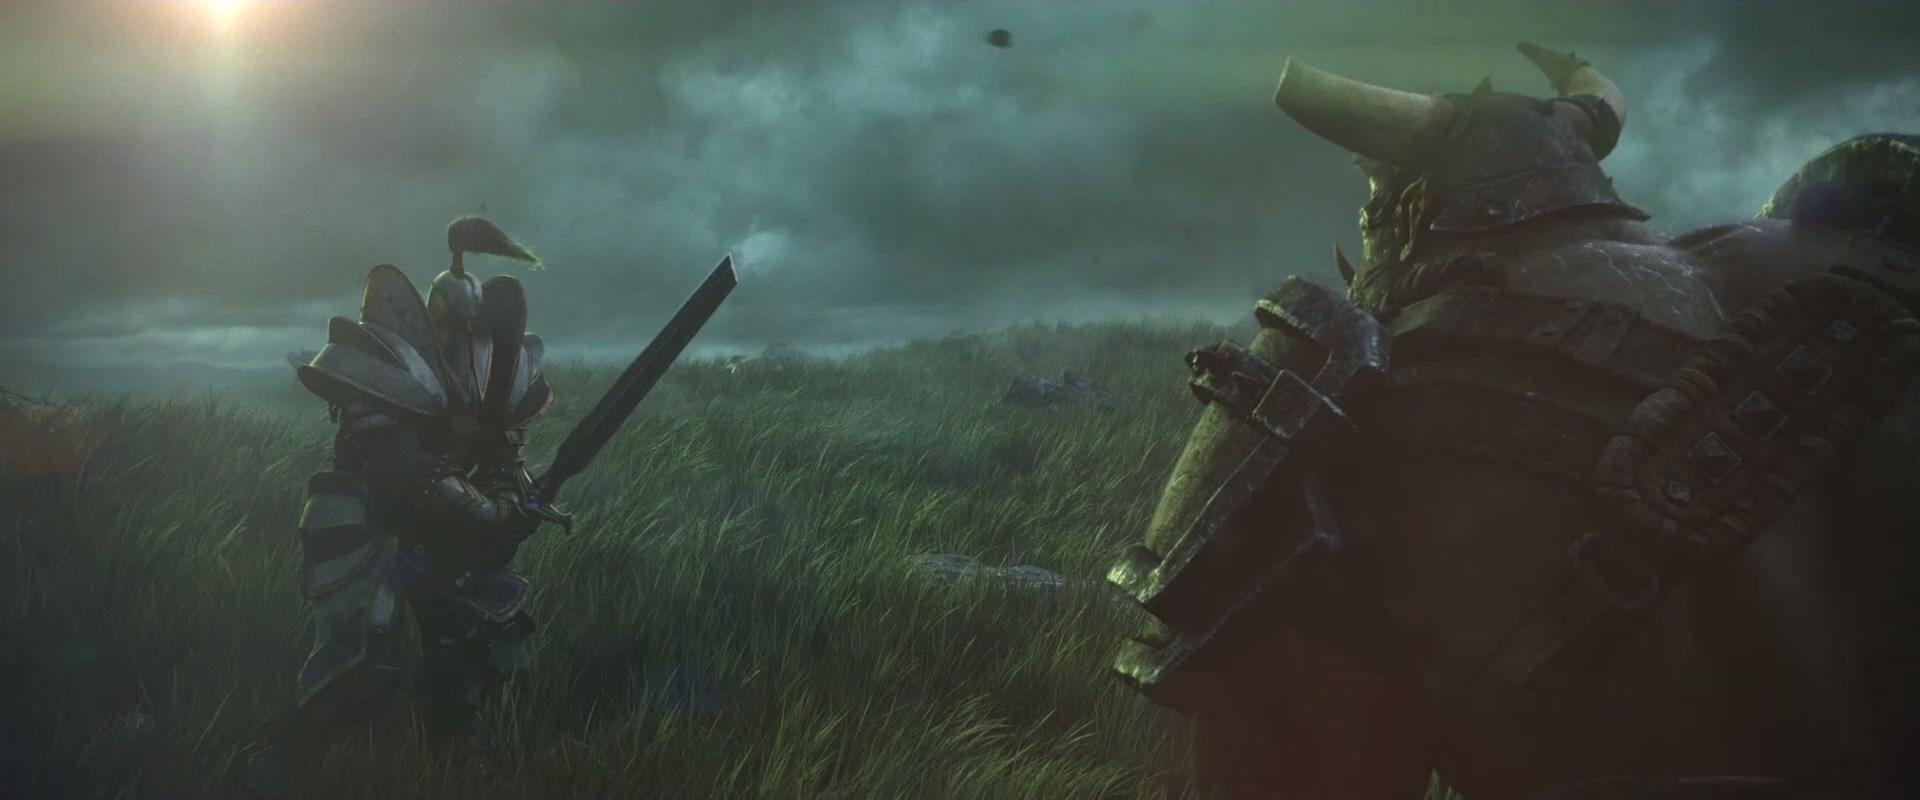 Warcraft III Reforged - Intro Battle.jpg